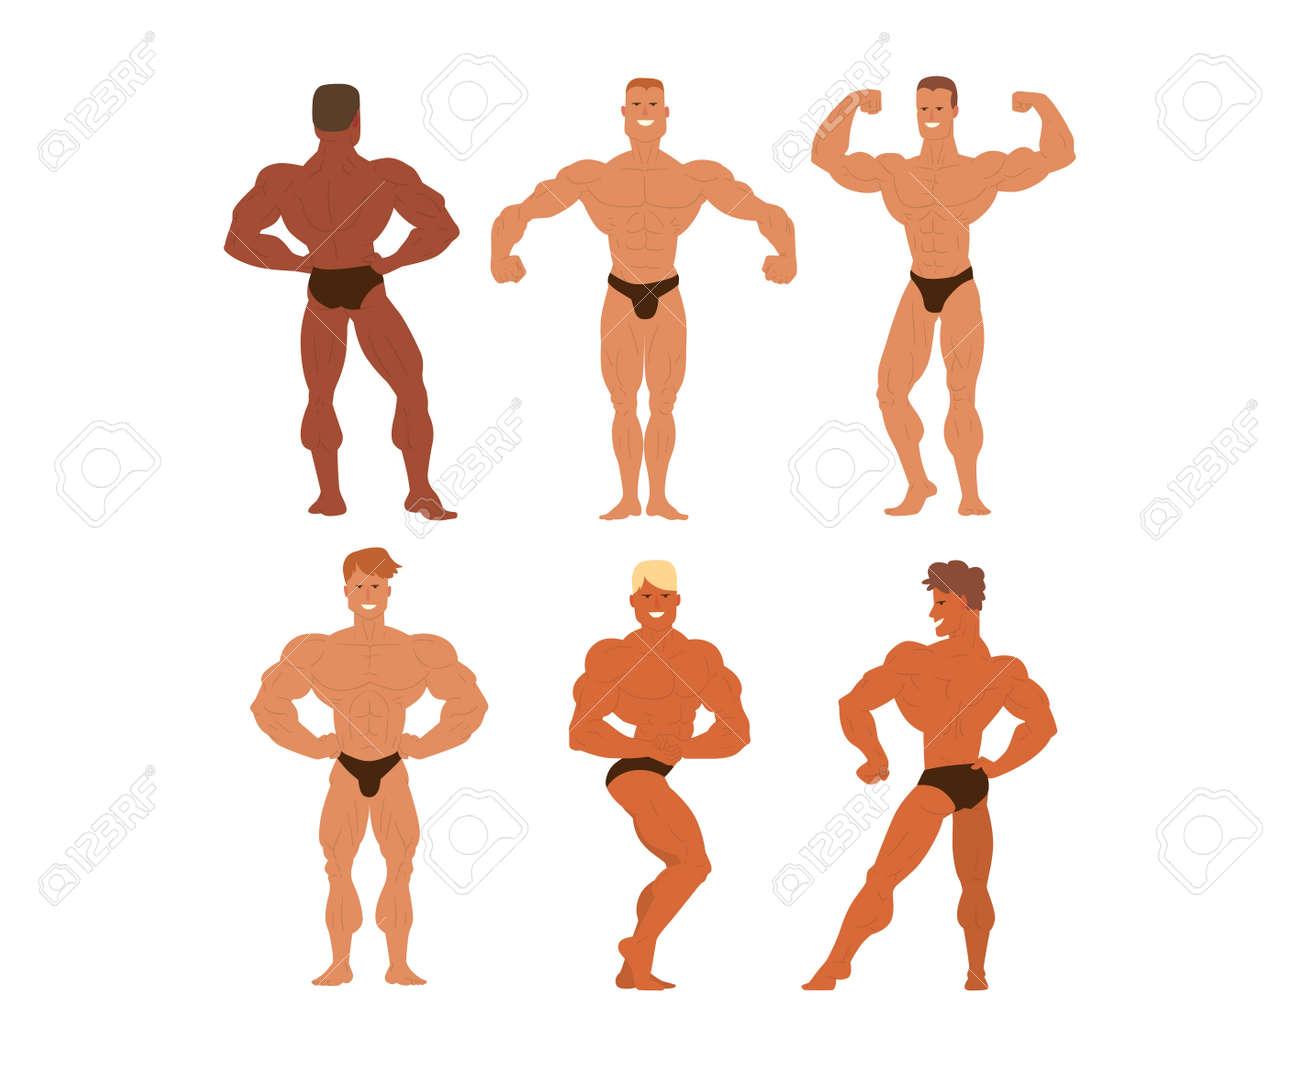 「筋肉 ポーズ イラスト」の画像検索結果